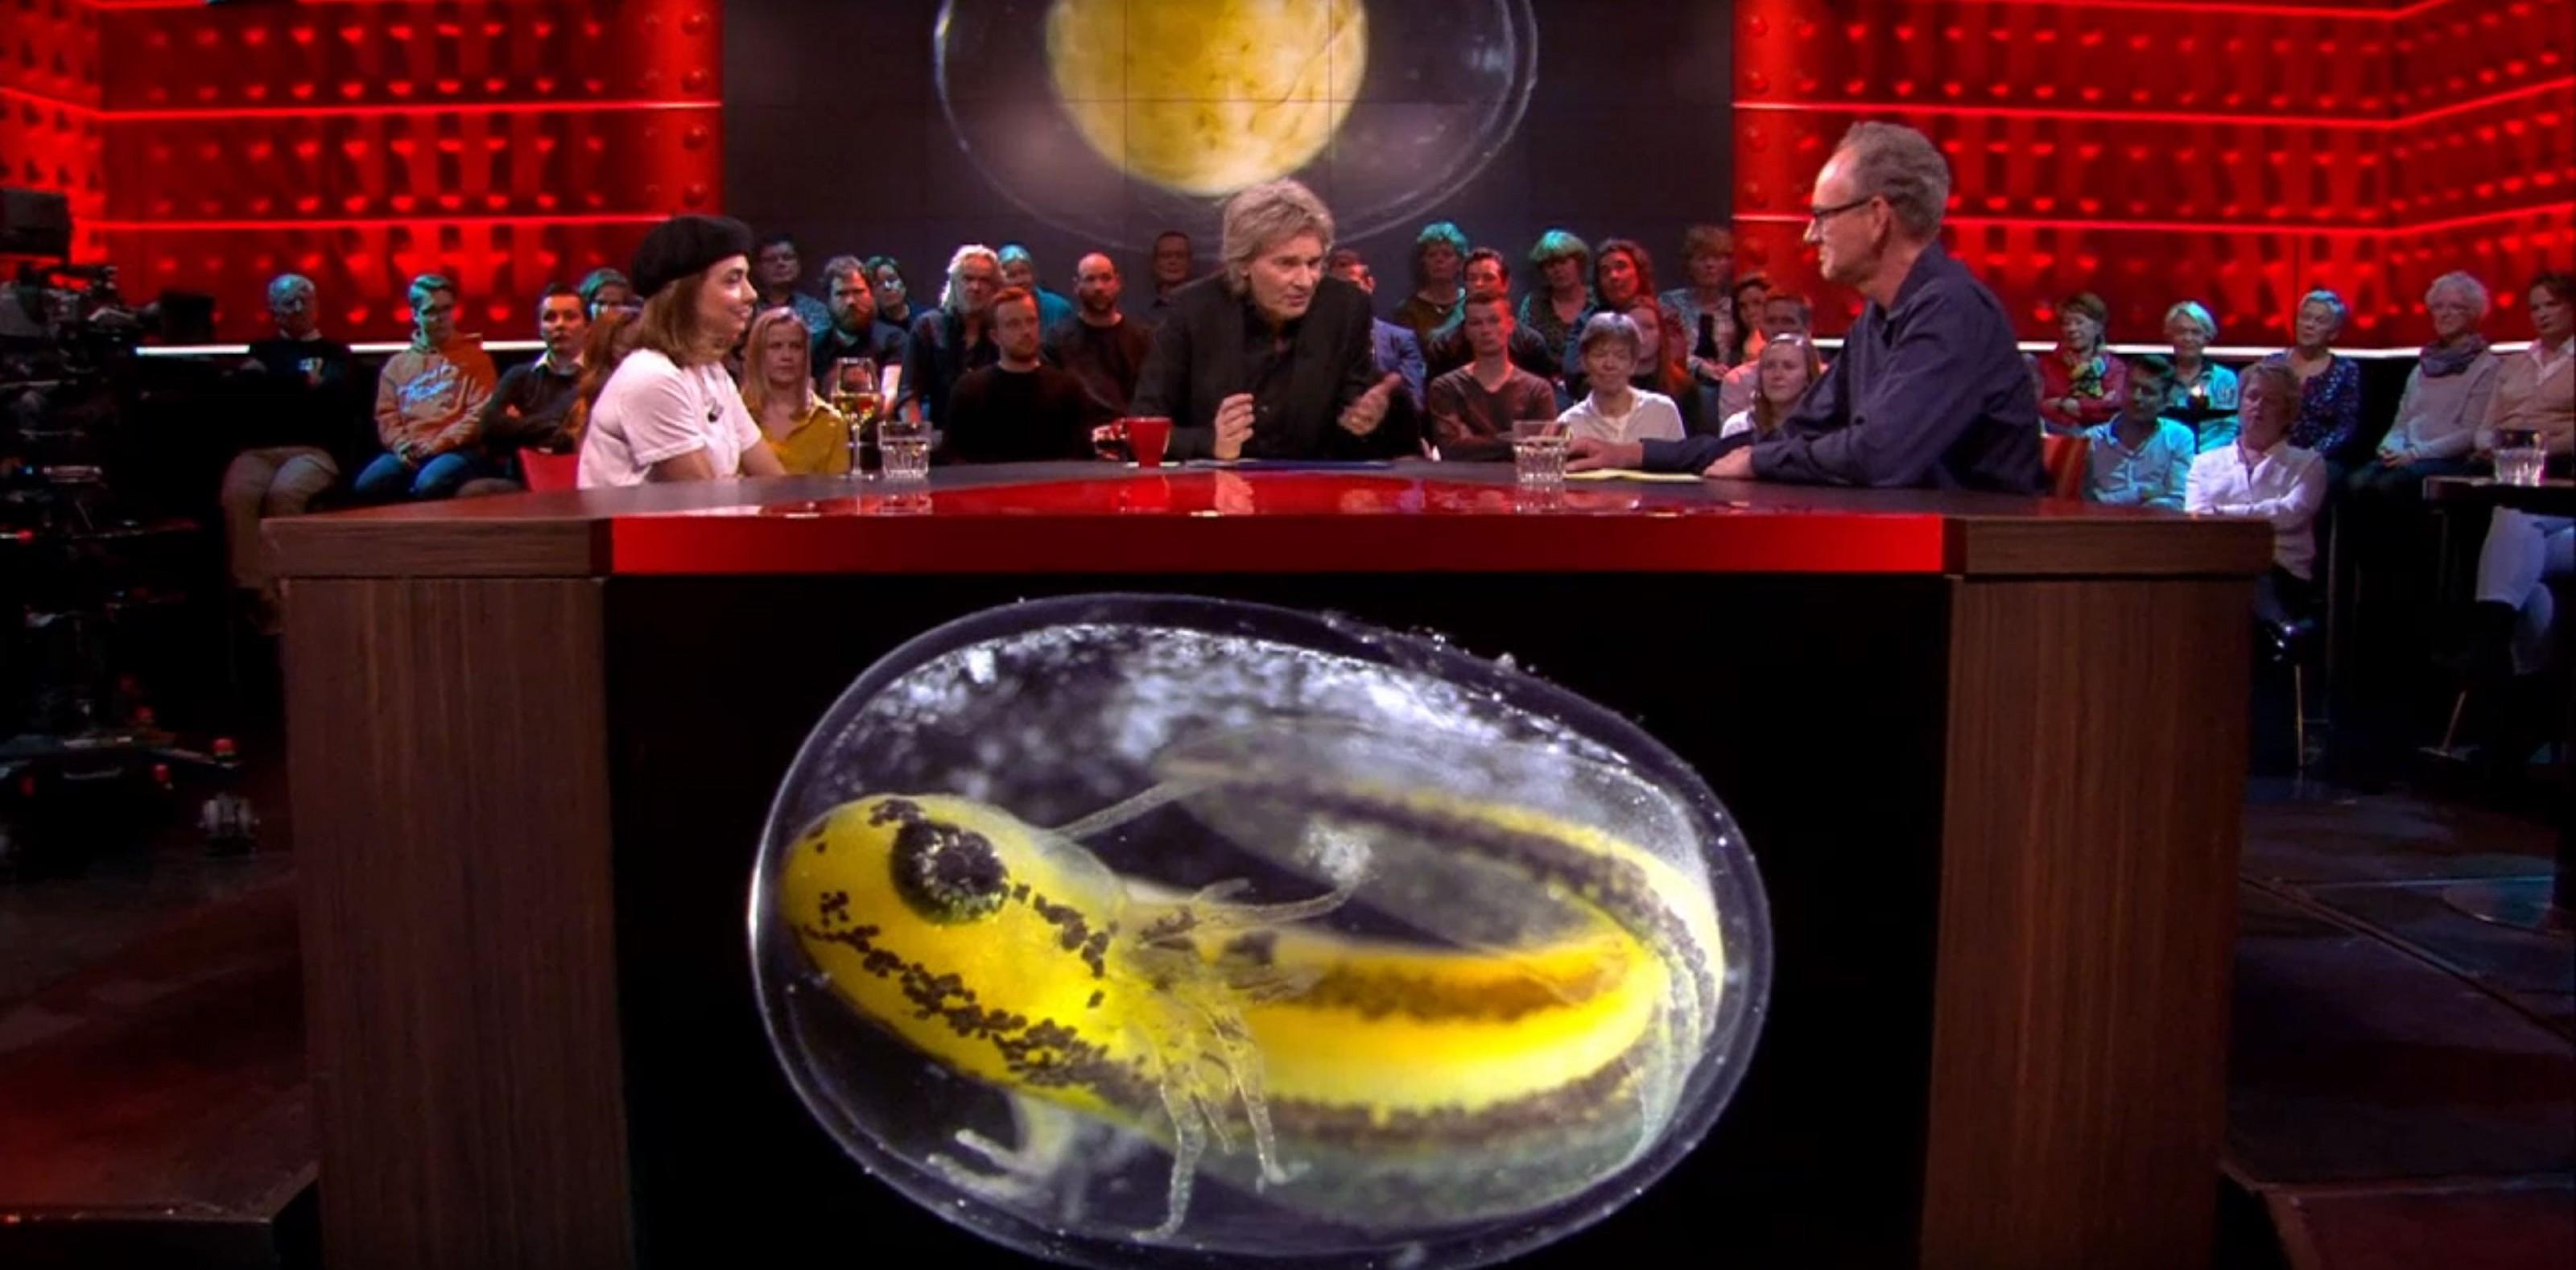 Salamanderfilm Jan Van IJken Gaat Viral, O.a. Te Zien Bij DWDD